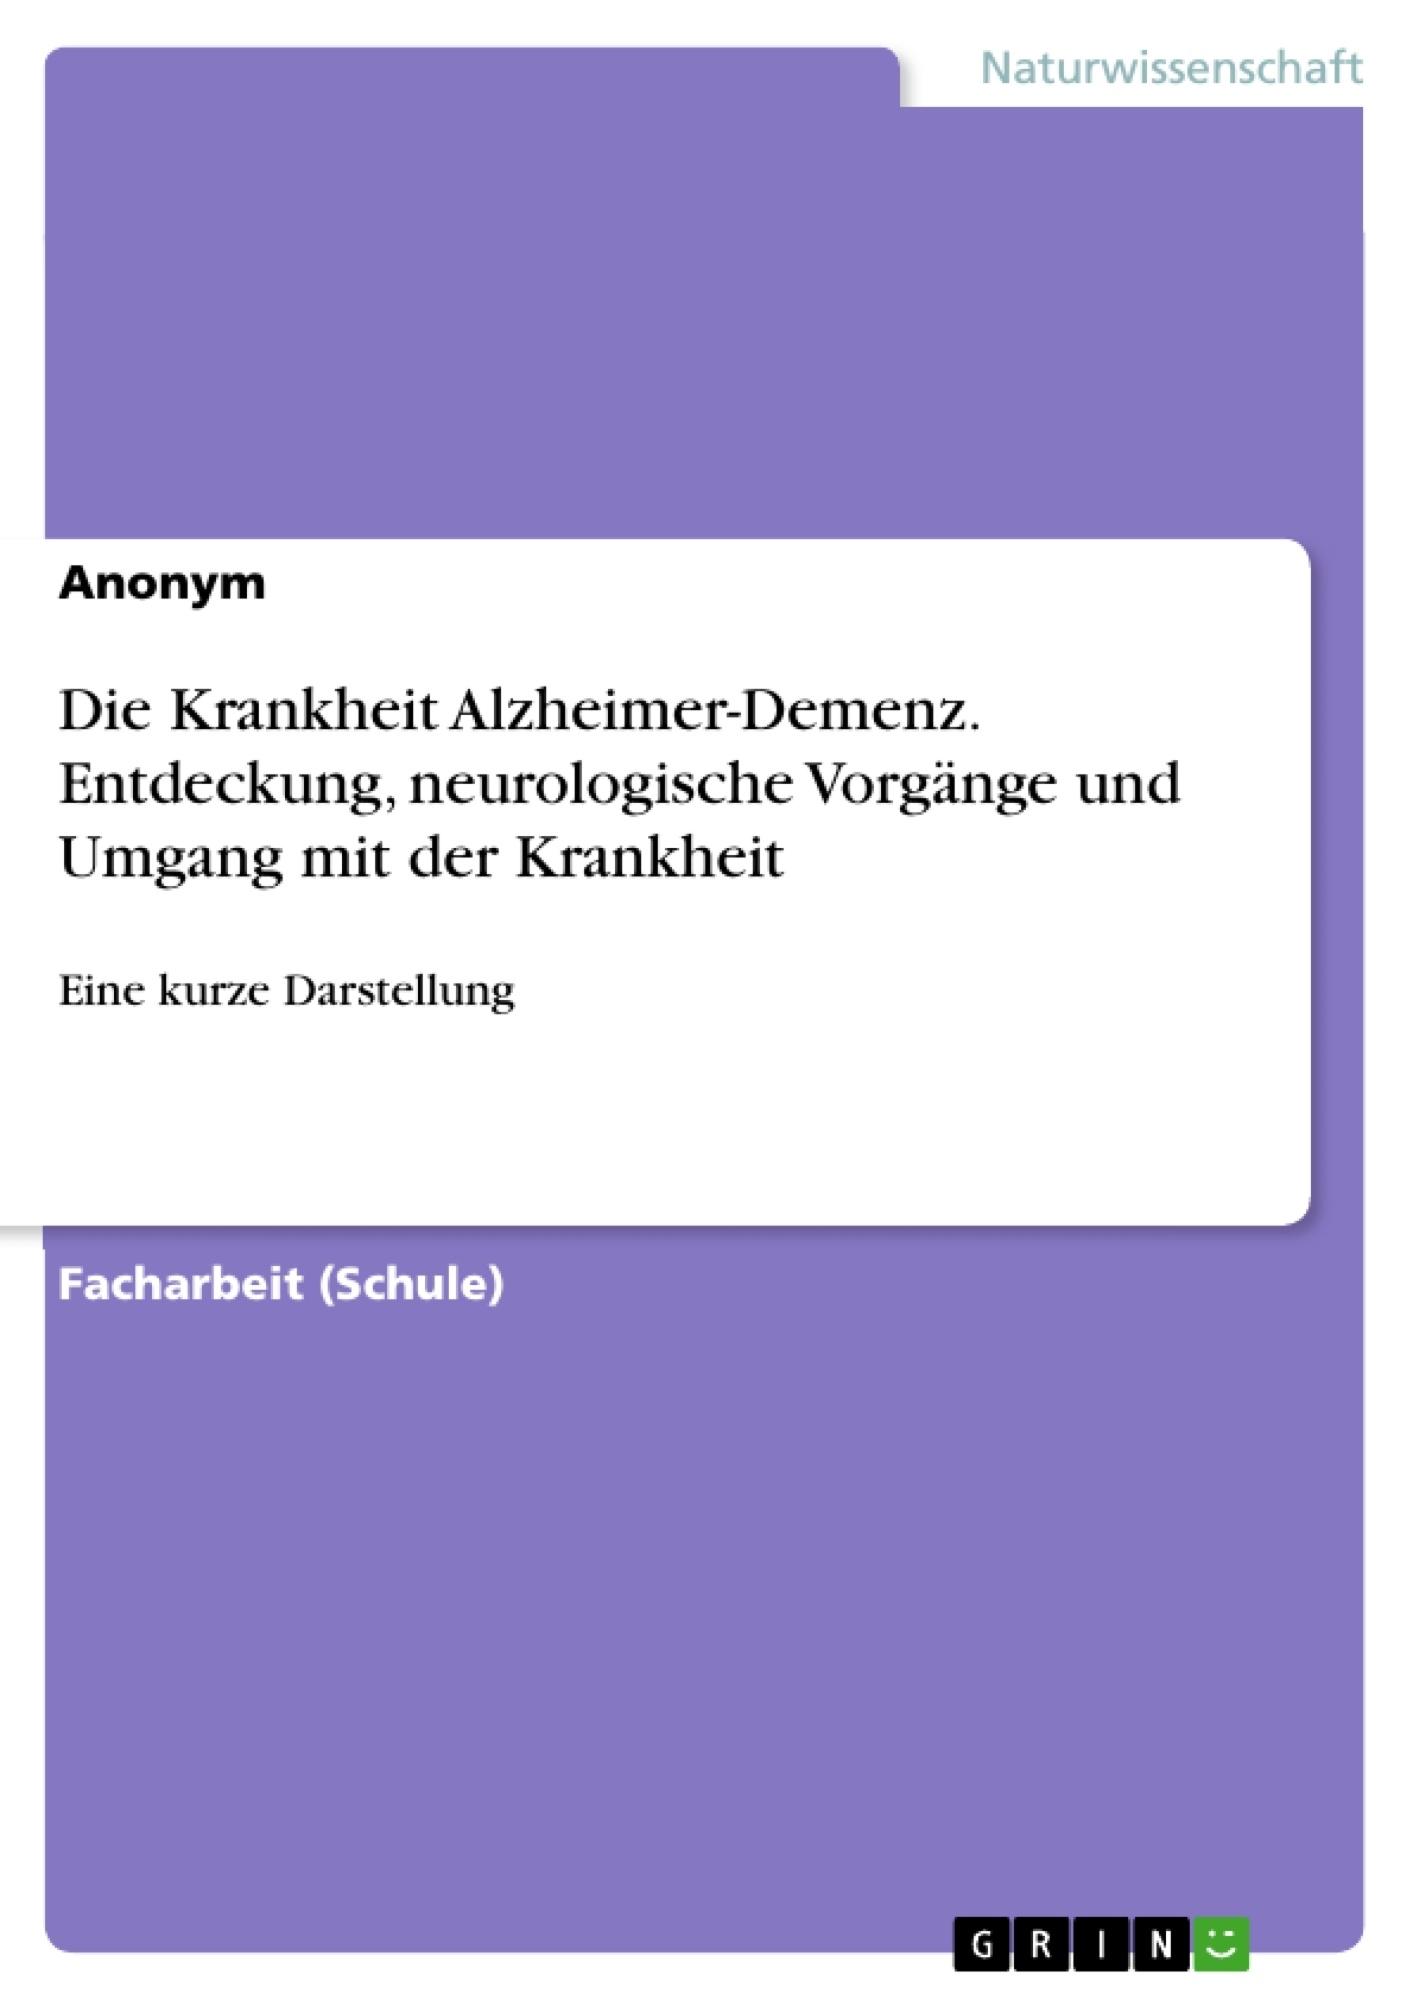 Titel: Die Krankheit Alzheimer-Demenz. Entdeckung, neurologische Vorgänge und Umgang mit der Krankheit